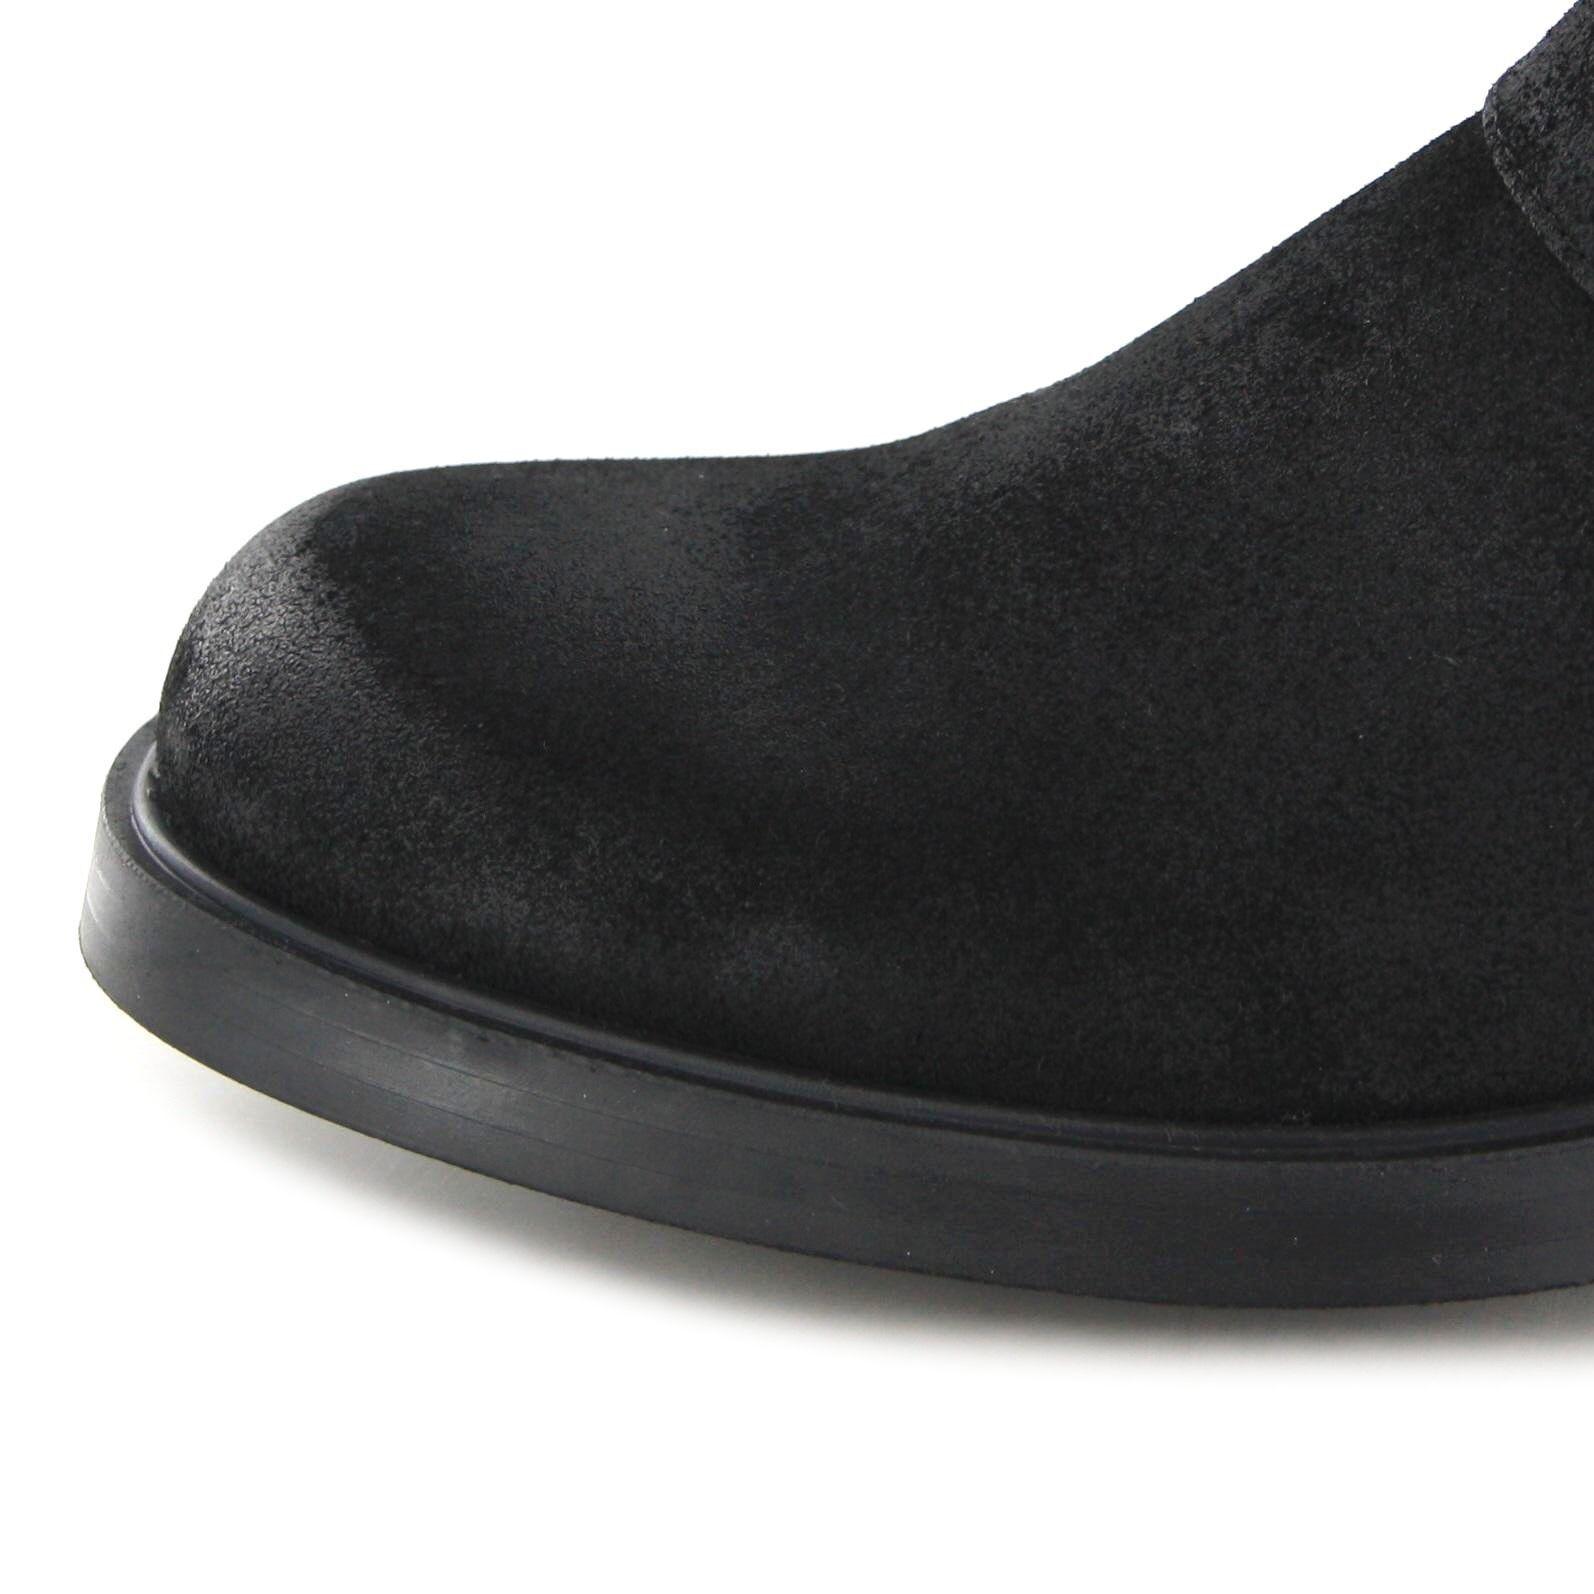 Fashion Stiefel Stiefel STAN Schwarz Schwarz Schwarz Engineer Stiefel ohen Stahlkappe ec04e0